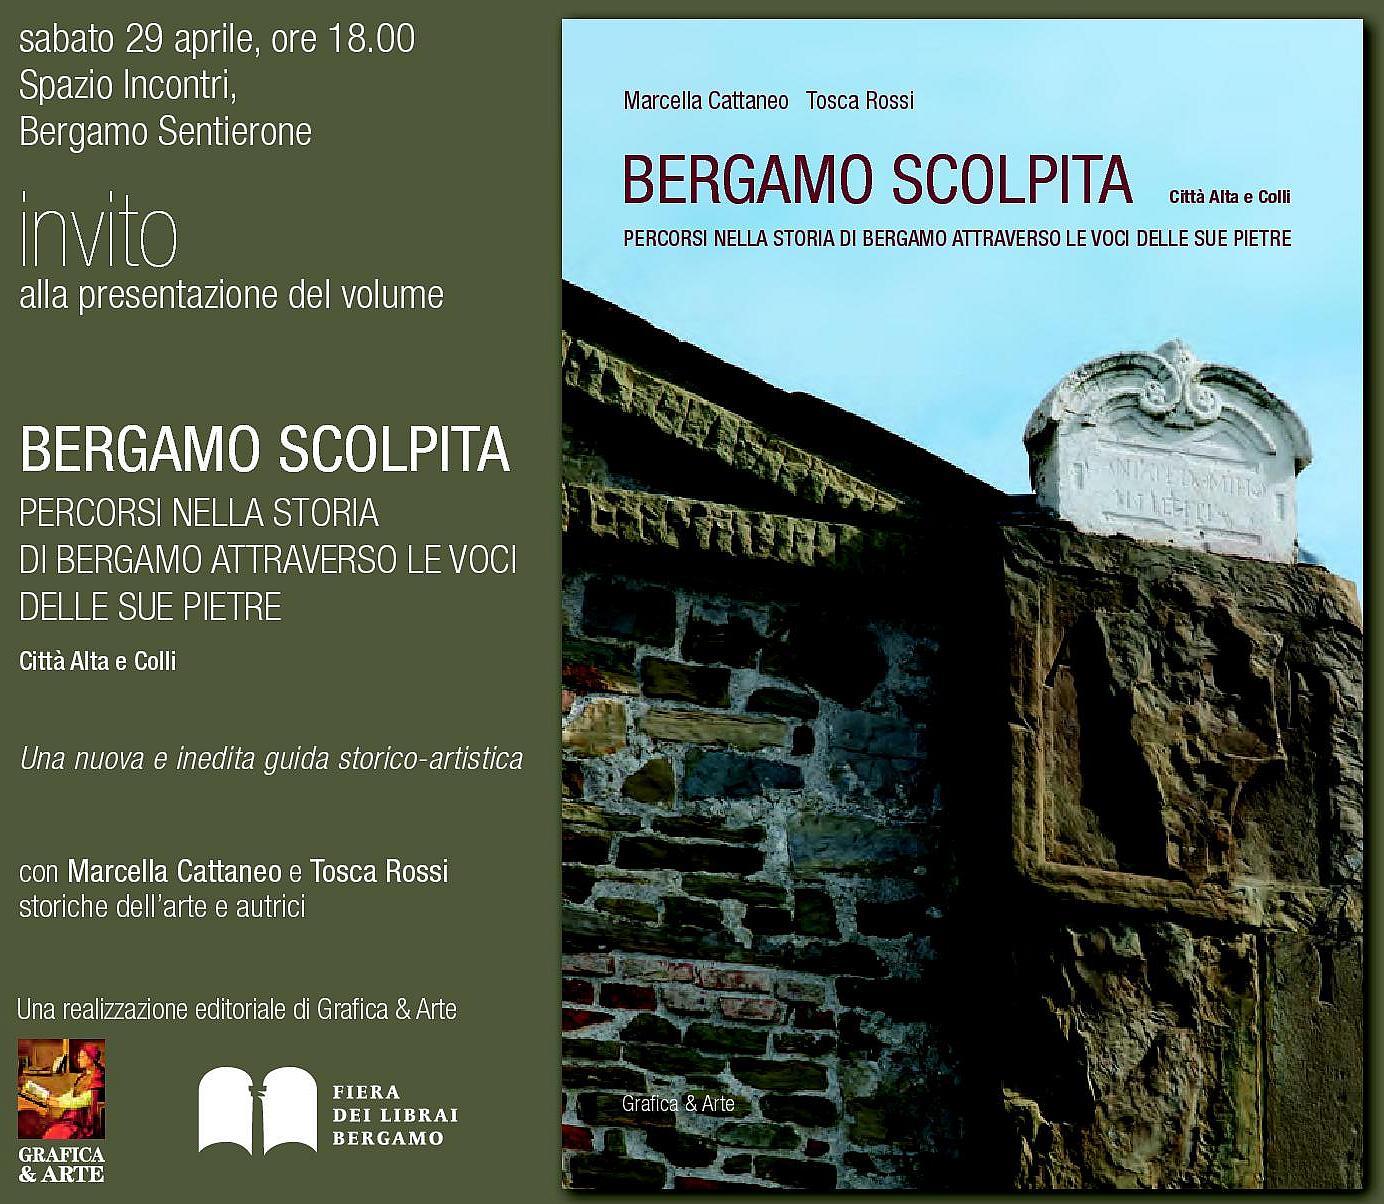 Invito-RossiTosca_BergamoScolpita1